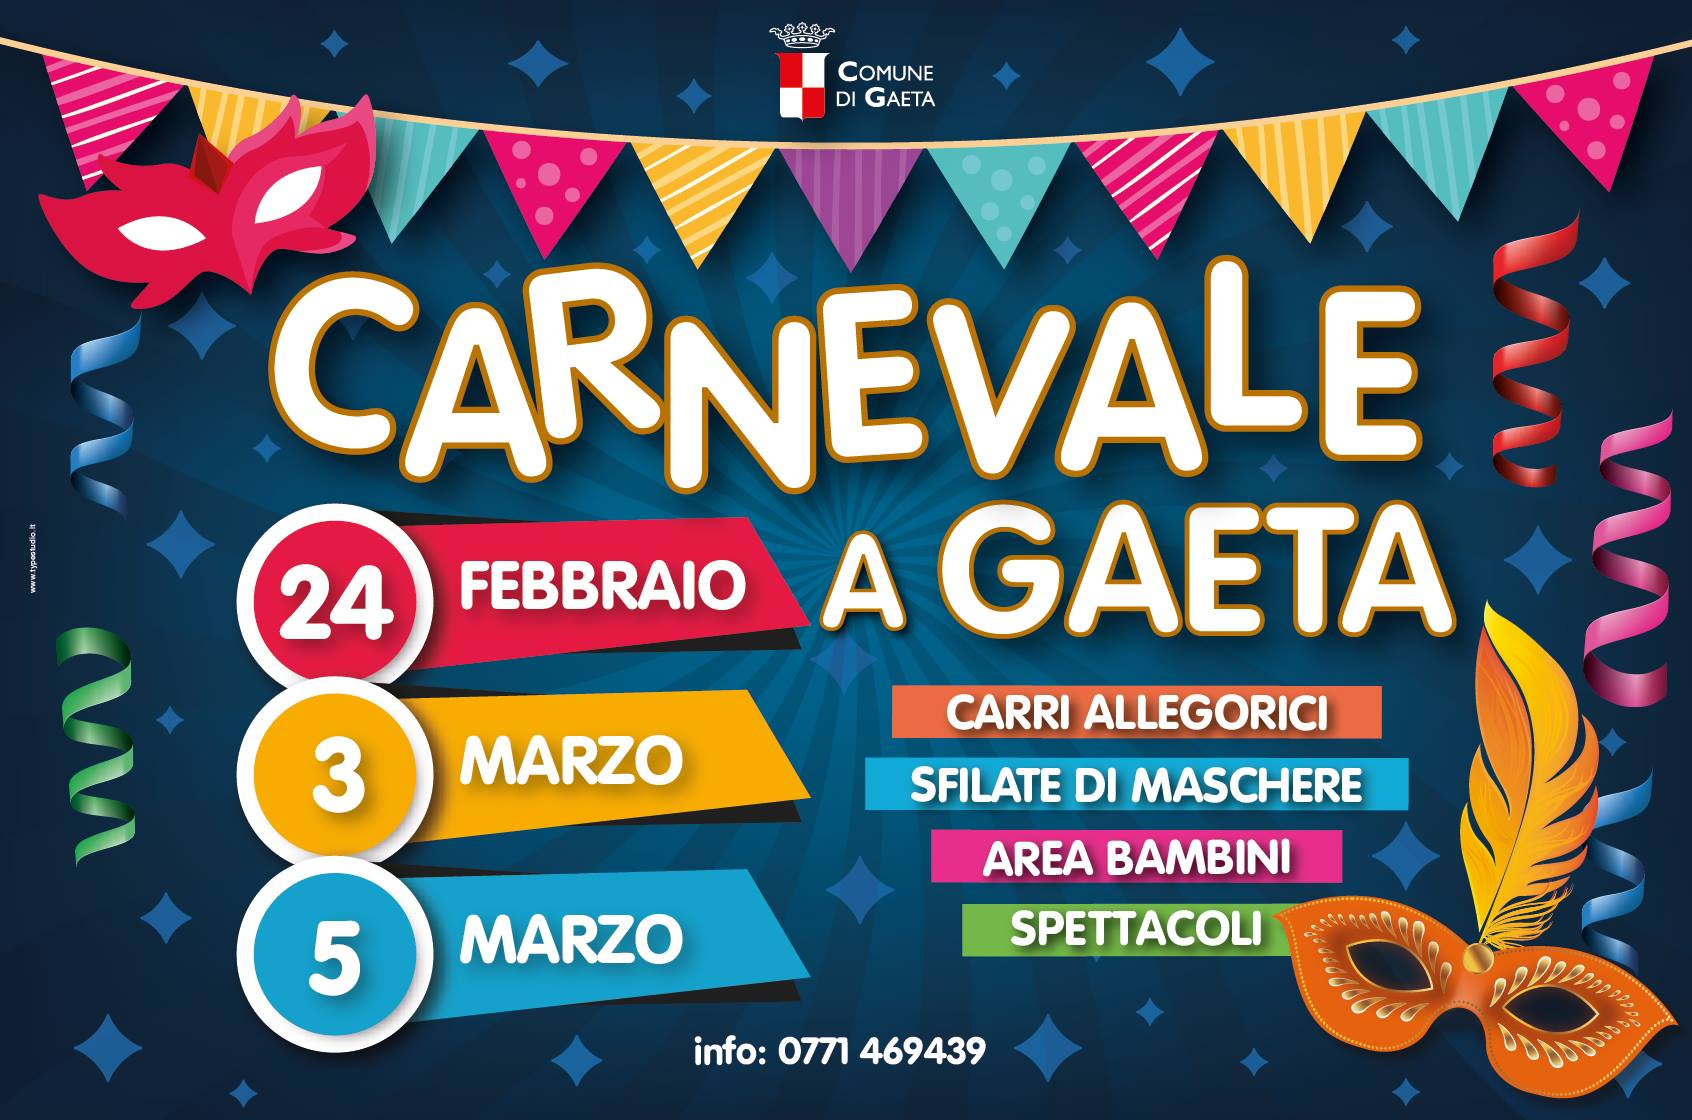 programma del carnevale di Gaeta 2019